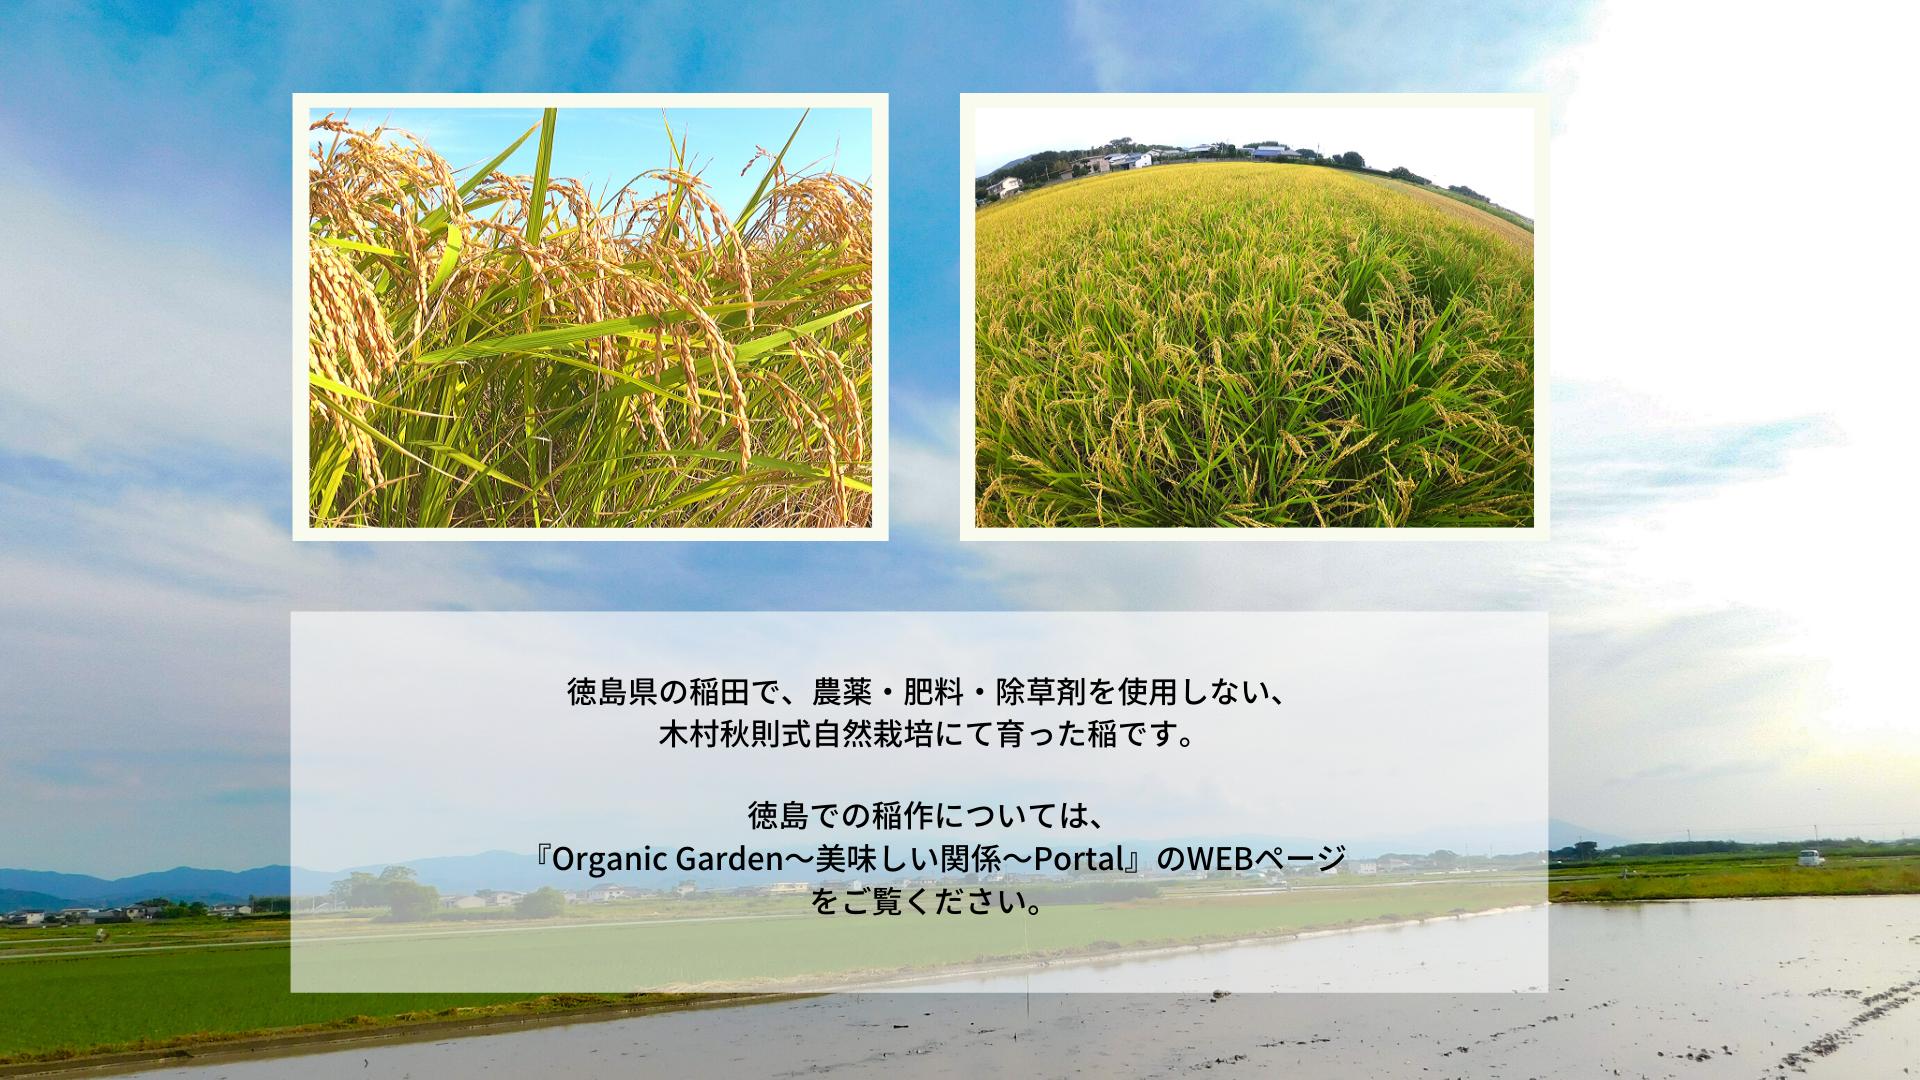 徳島県で木村秋則式自然栽培にて栽培した稲